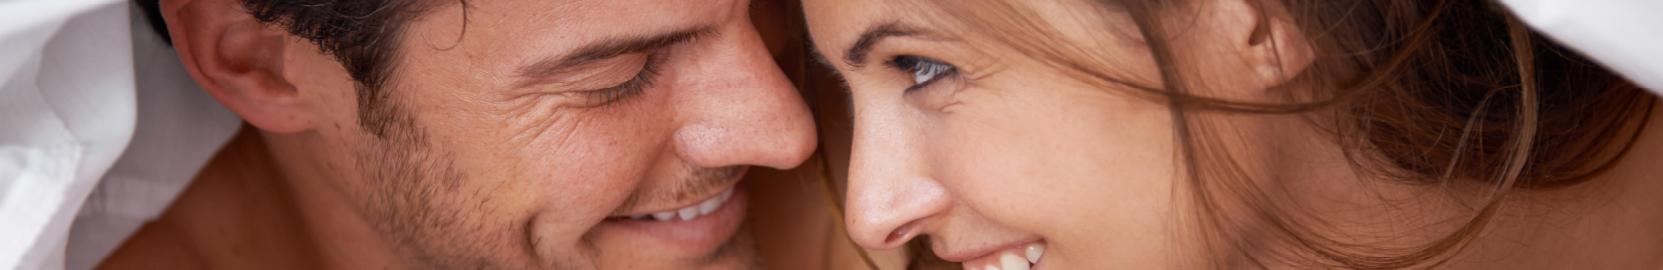 Slider mejorar relaciones sexuales